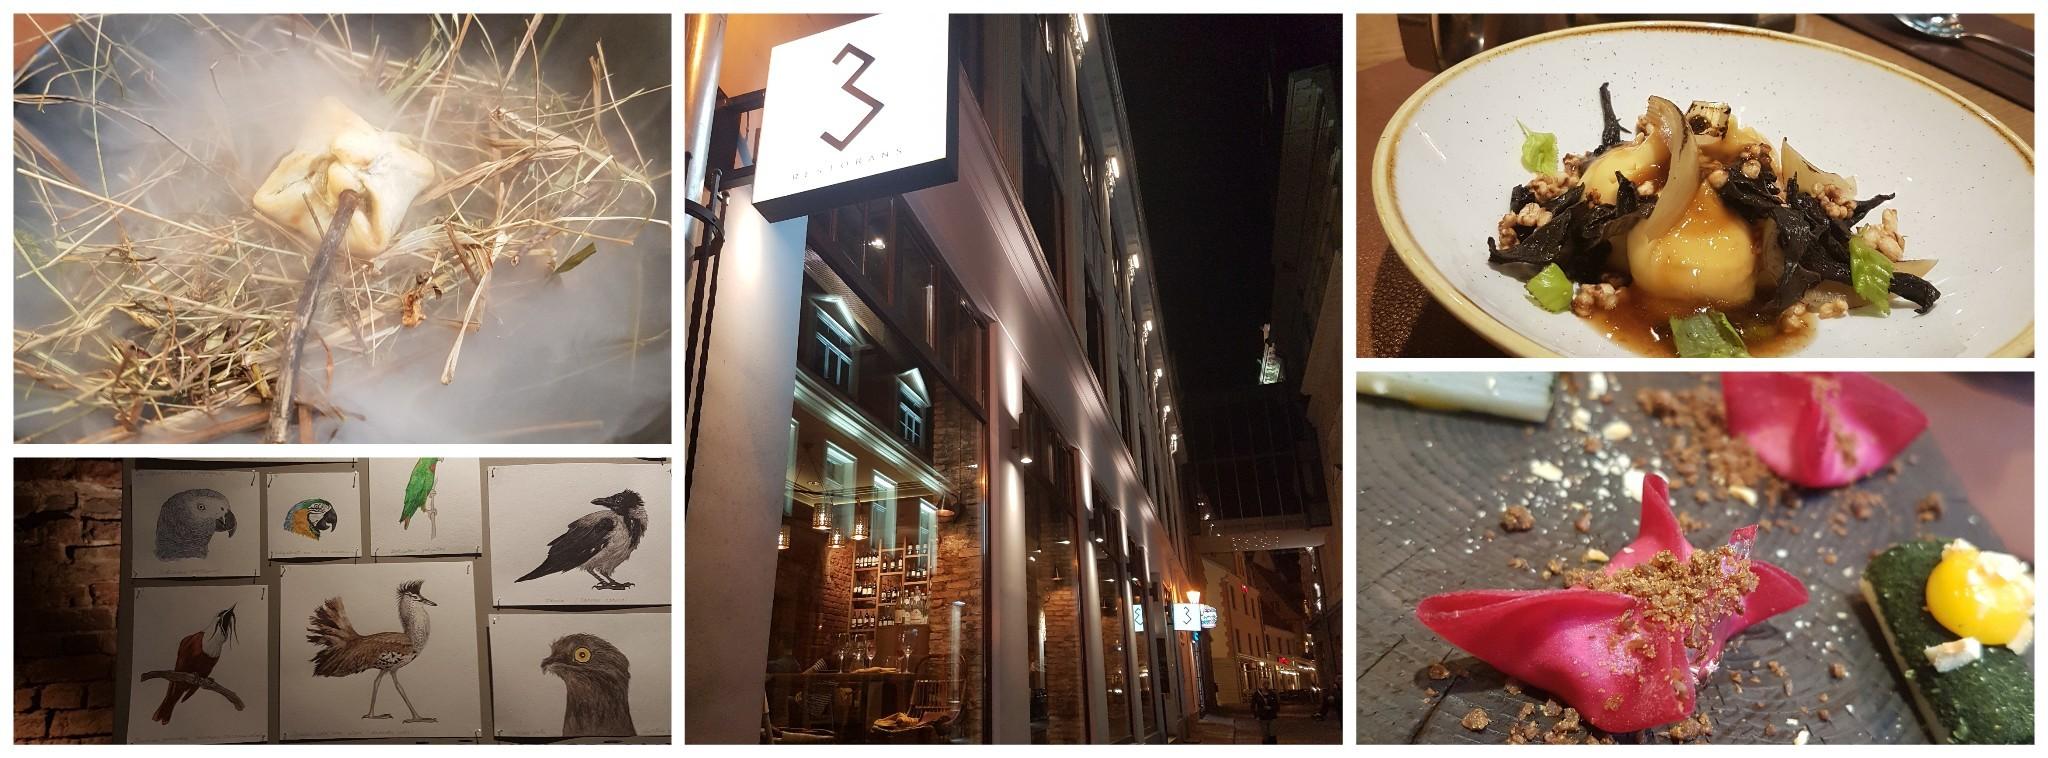 Restaurant 3 in Rigas Altstadt